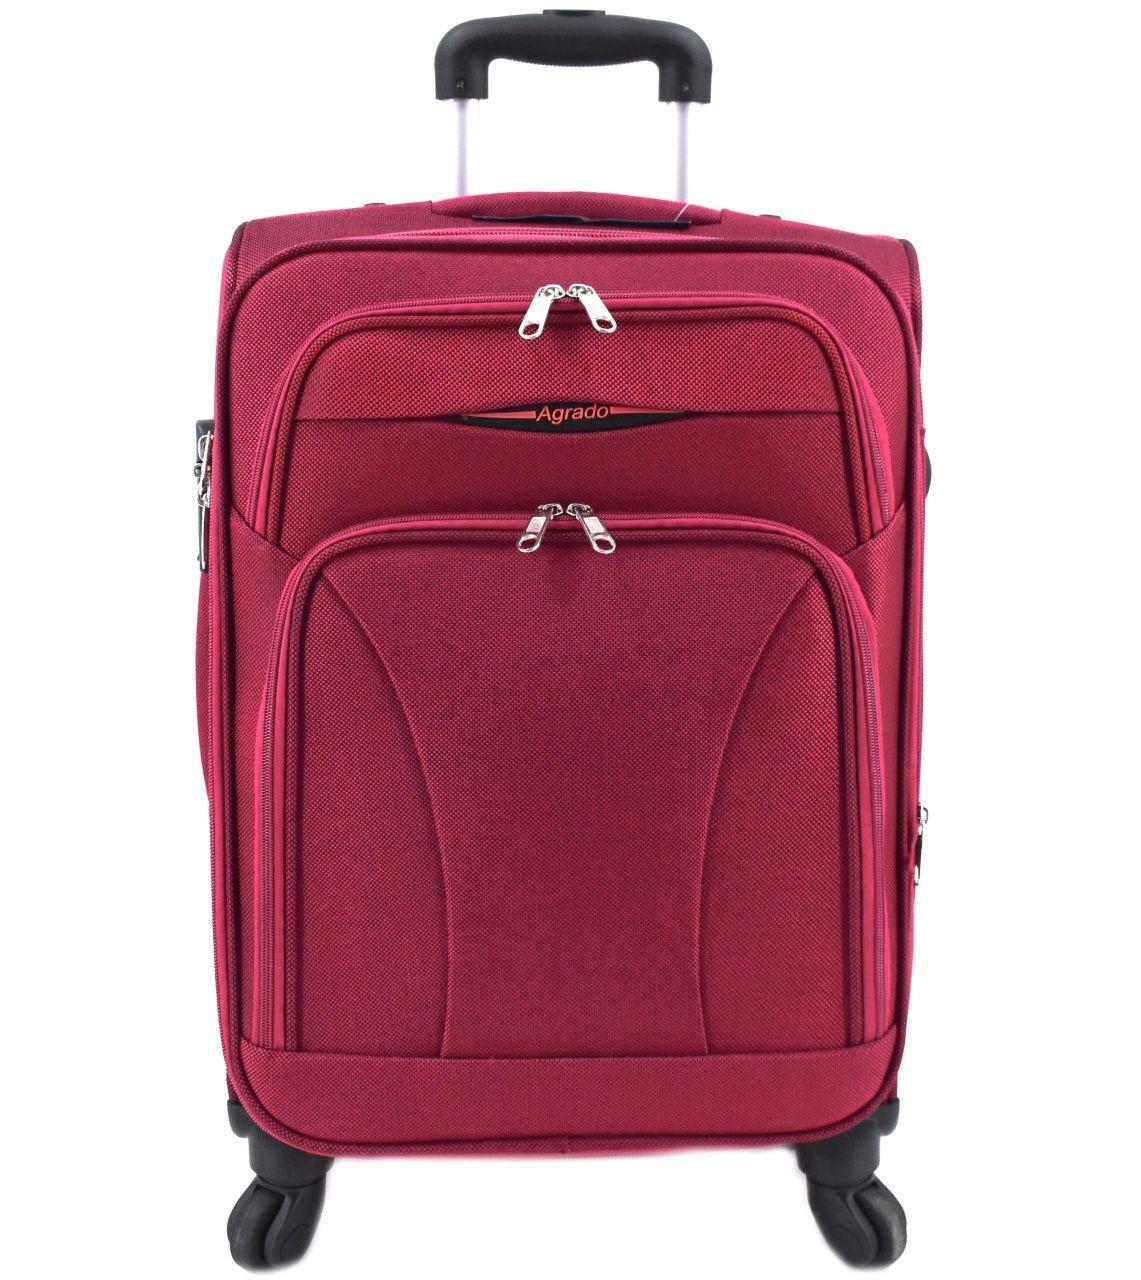 Cestovní textilní kufr na čtyřech kolečkách Agrado (XS) 35l - vínová 8021 (SX)